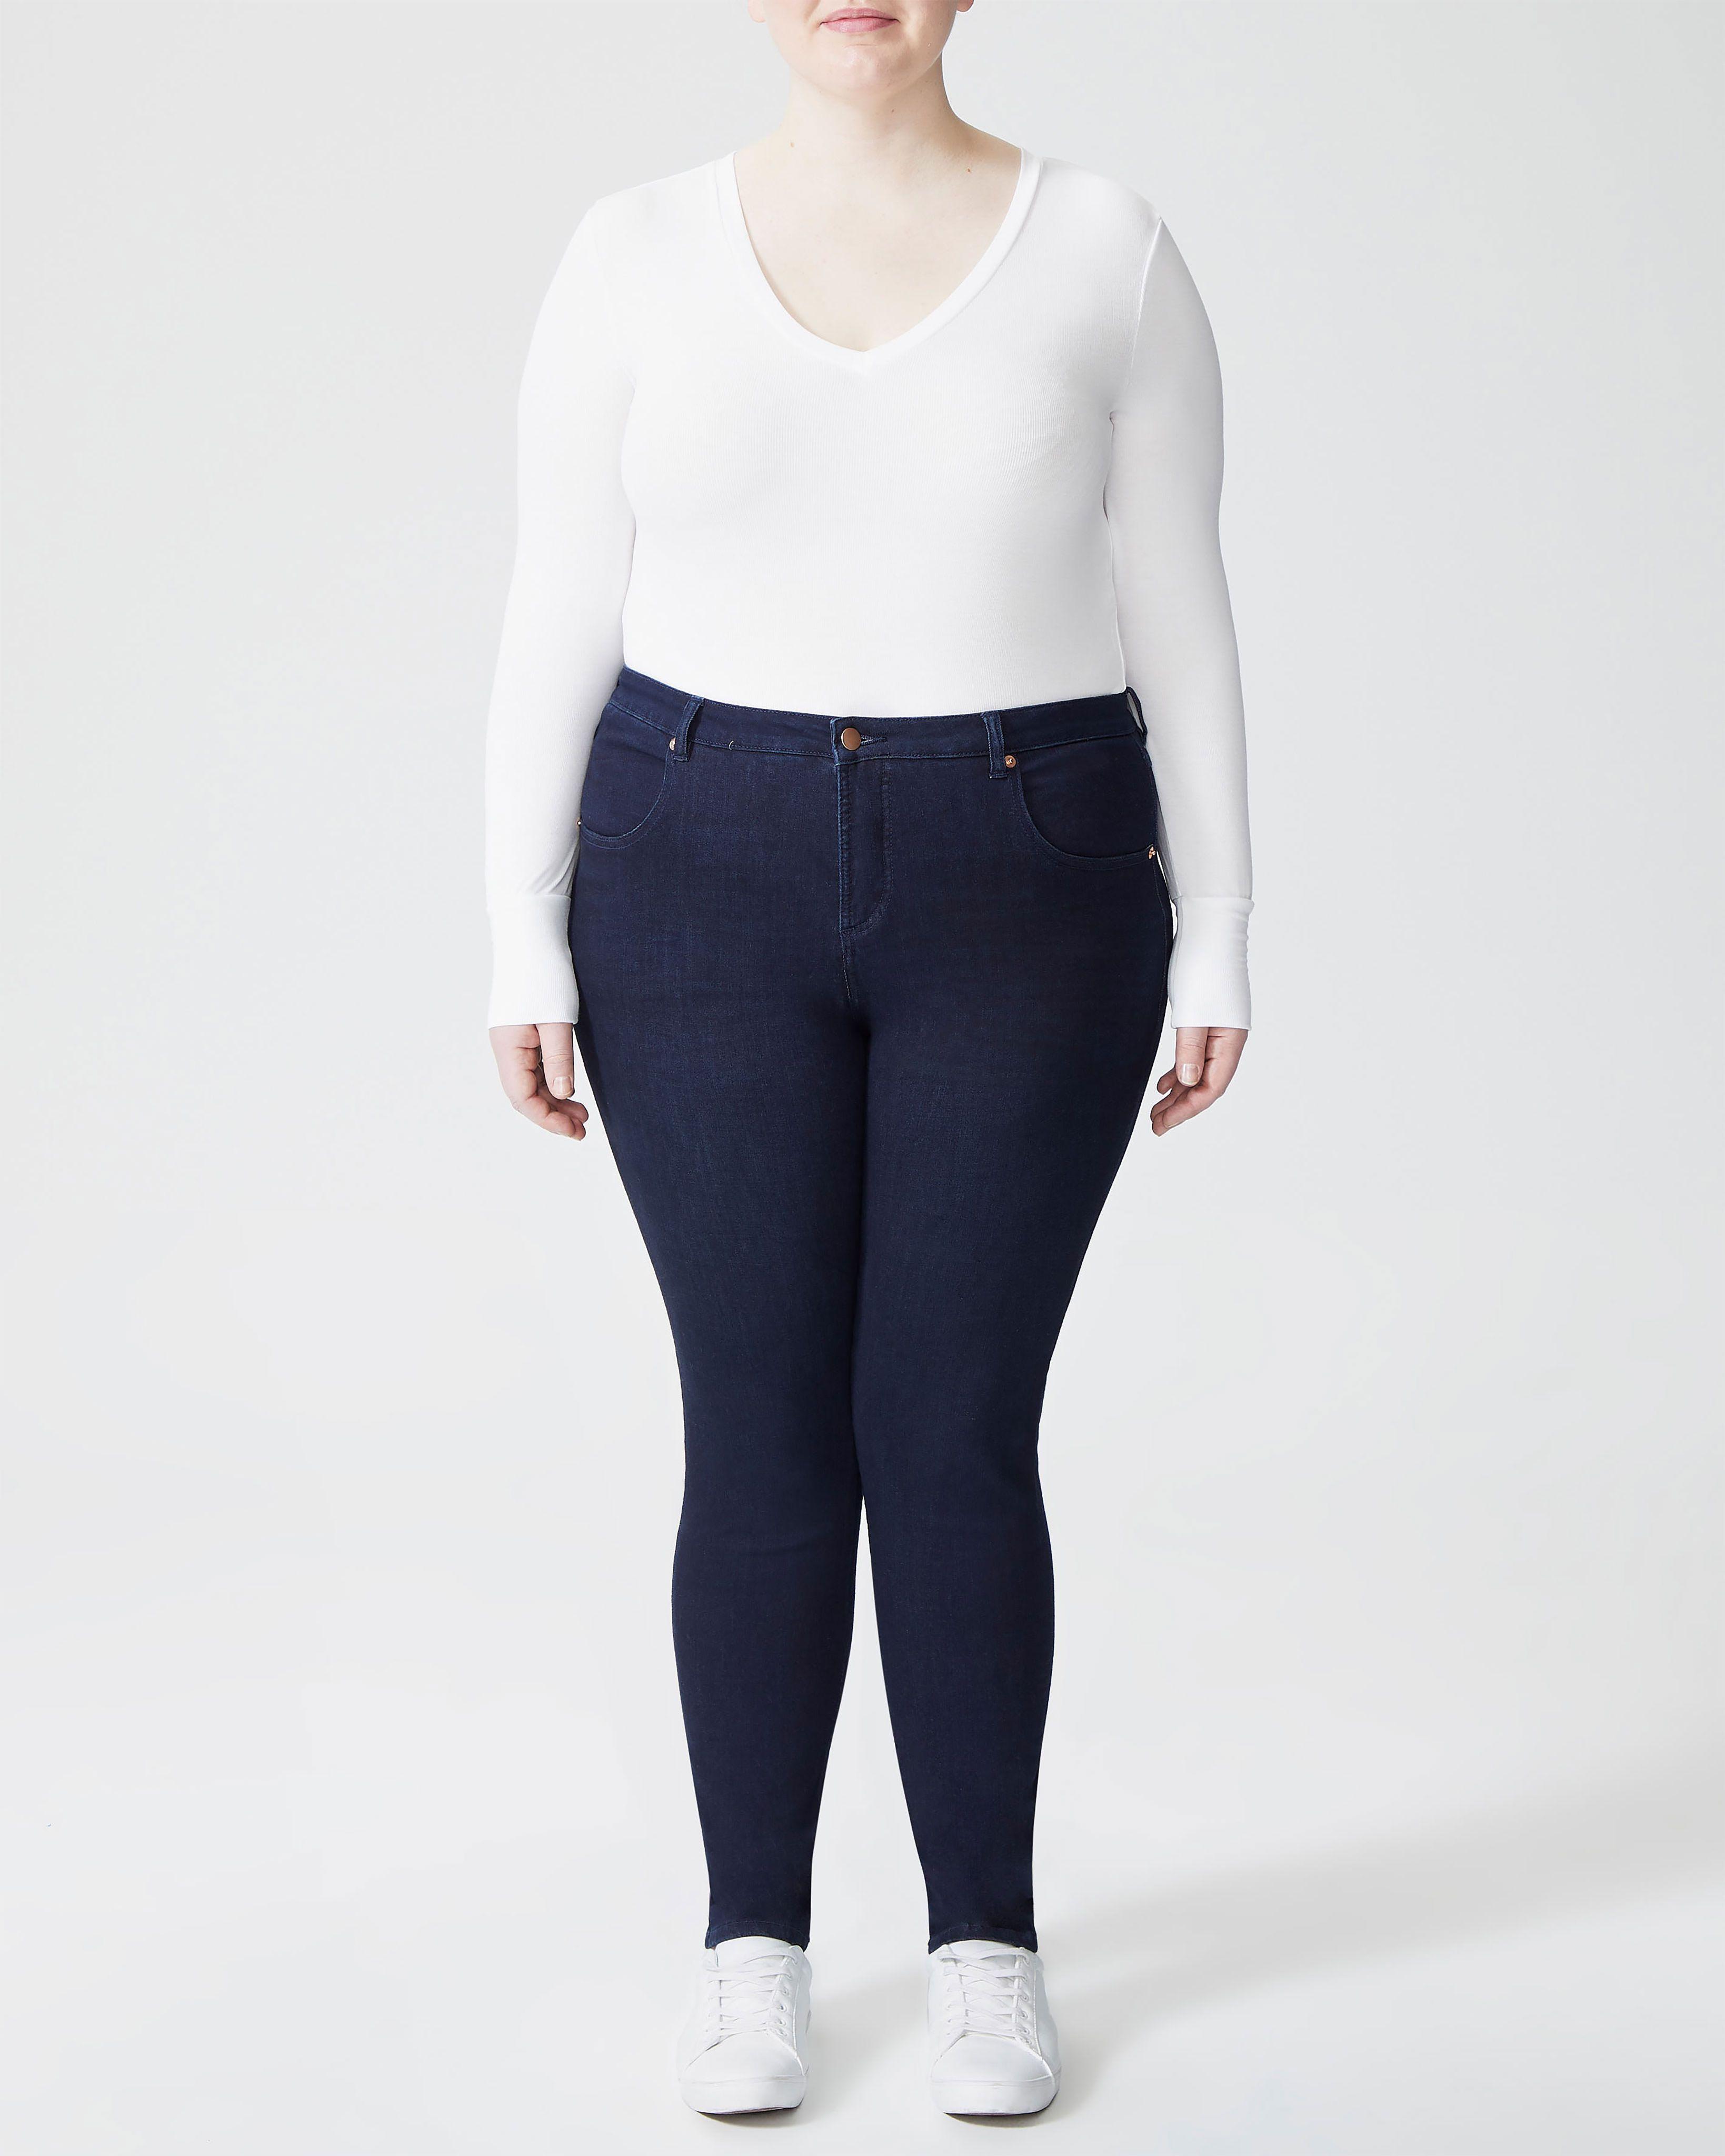 Seine Mid Rise Skinny Jeans 32 Inch - Dark Indigo